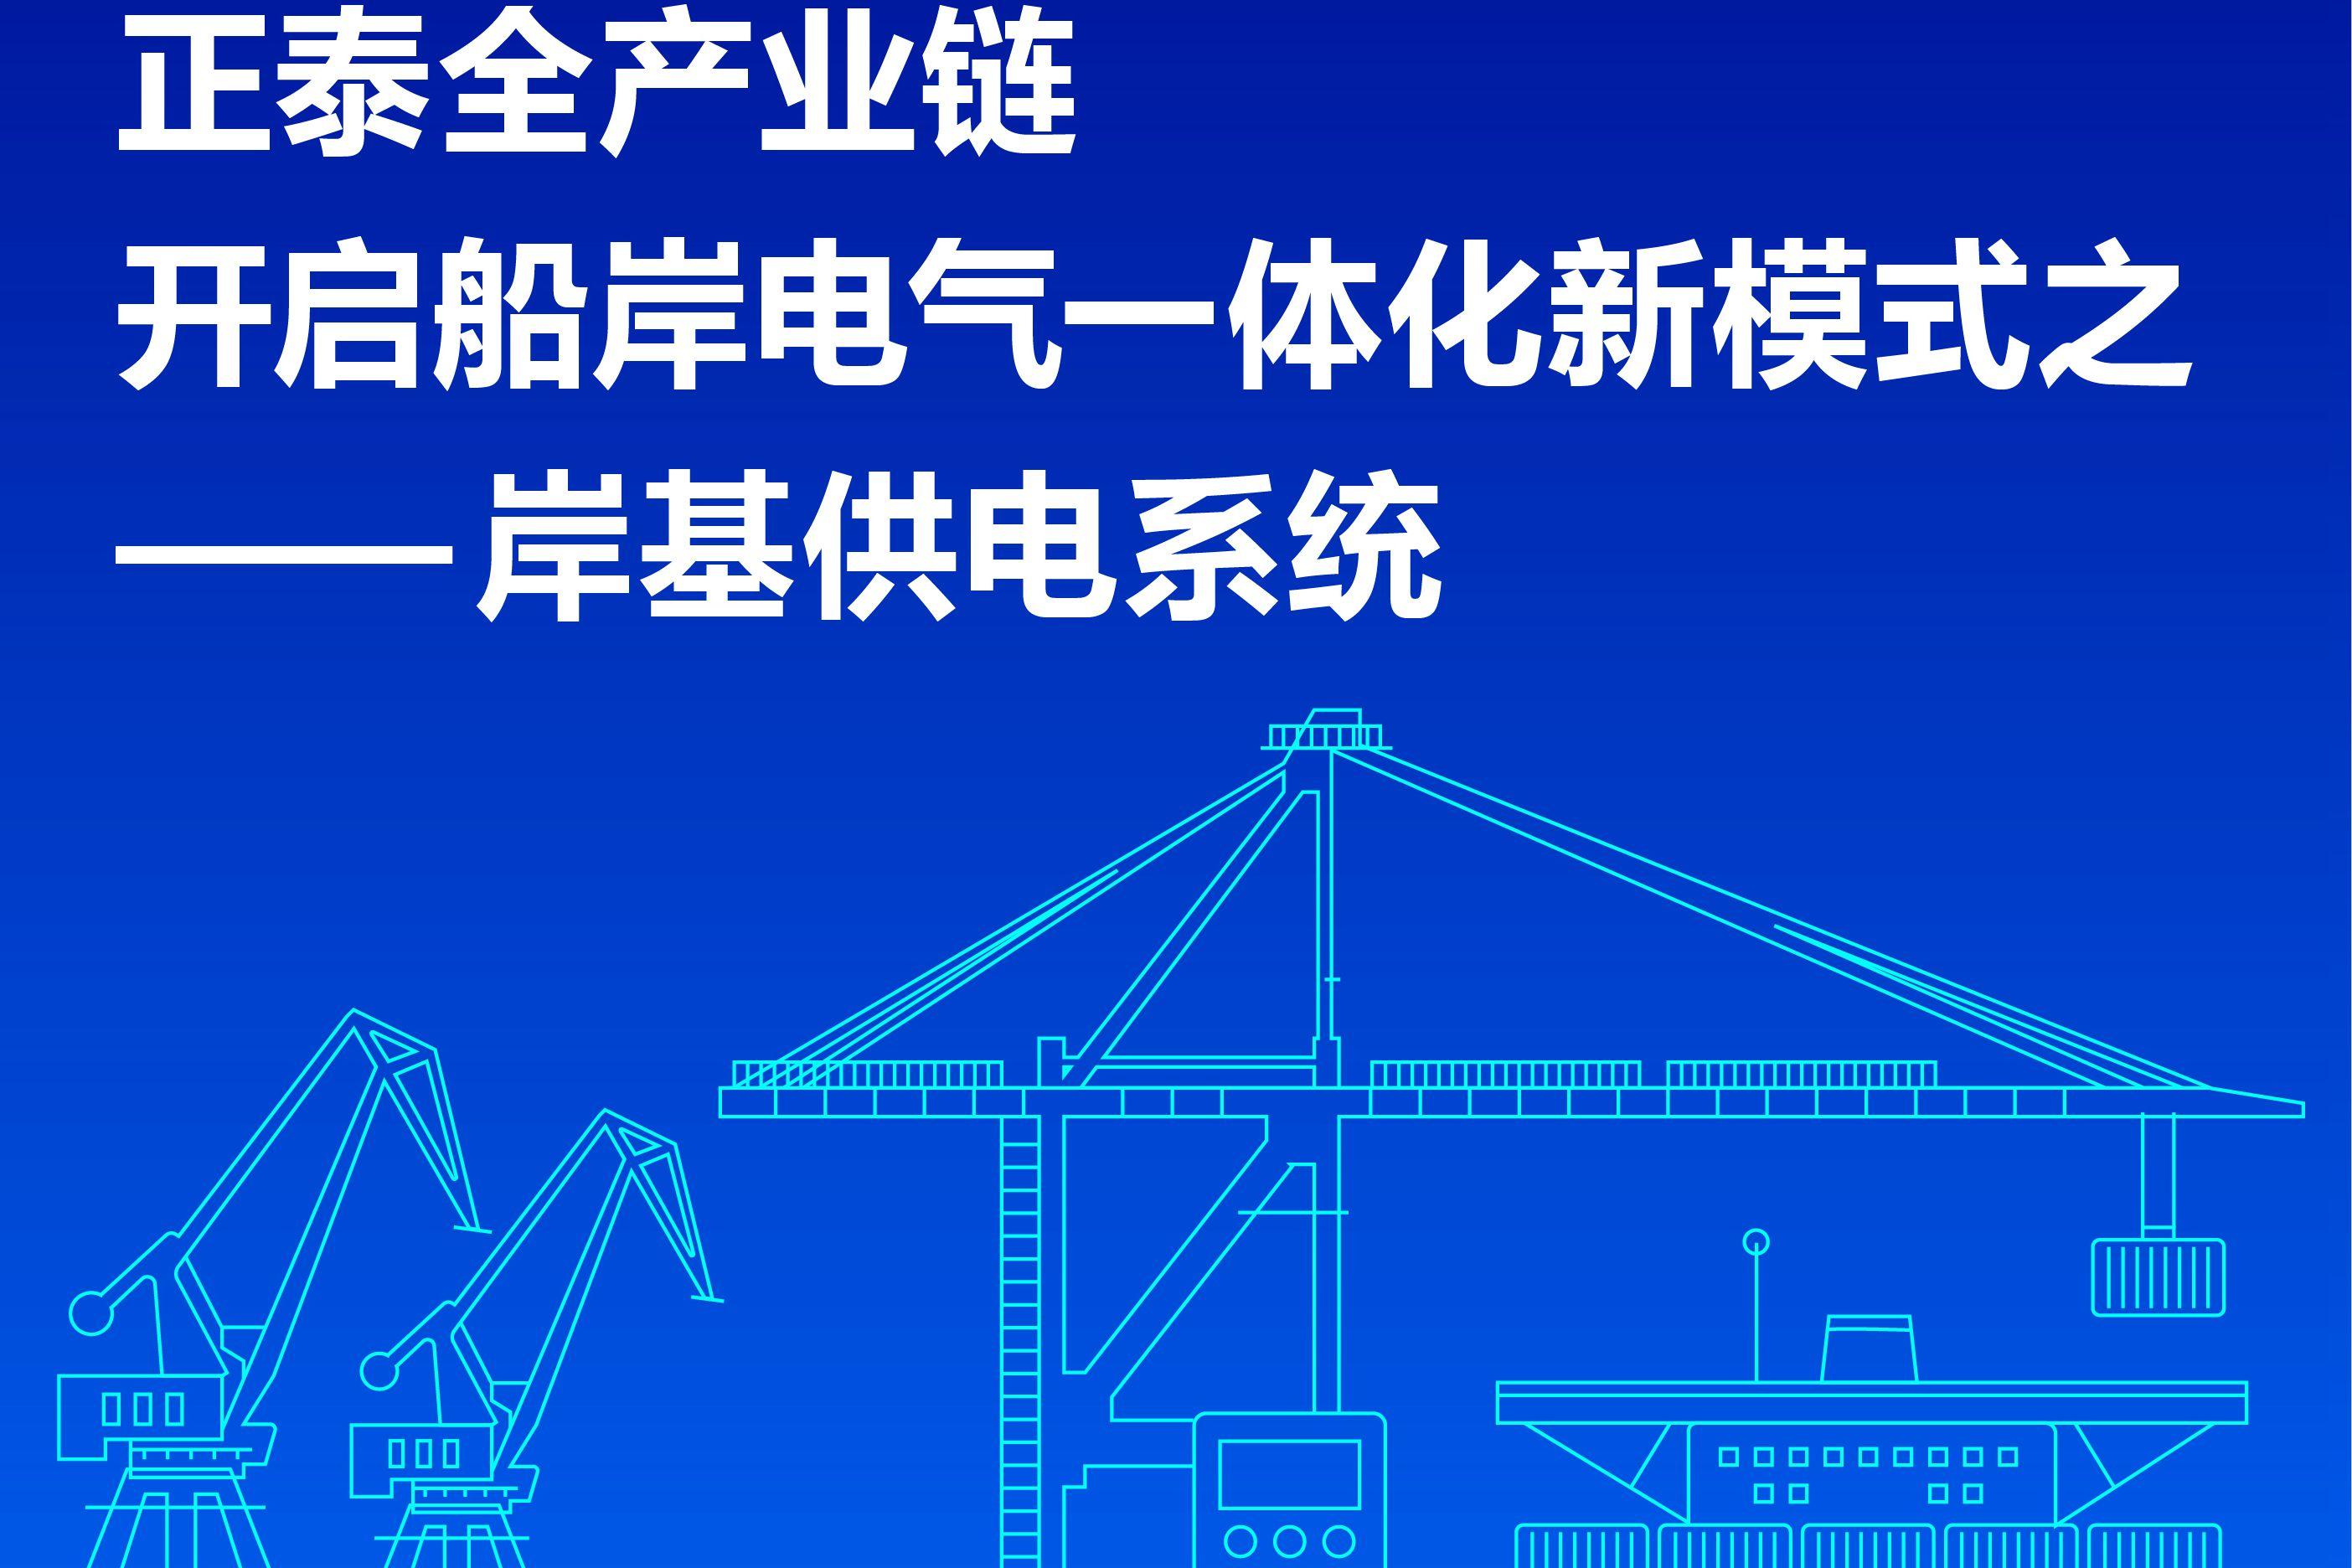 岸基供电系统 | 正泰全产业链开启船岸电气一体化新模式